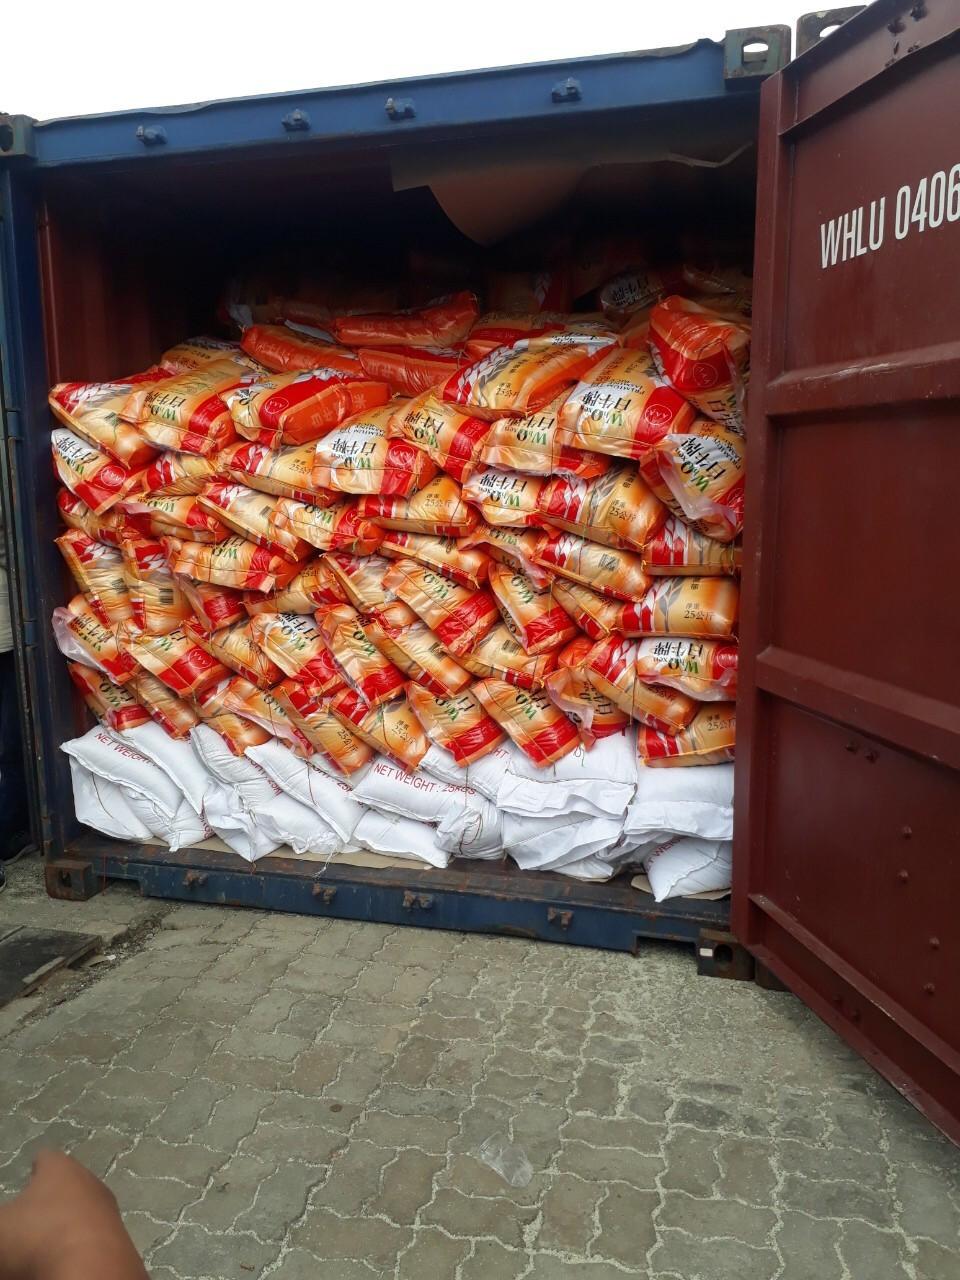 Shipment of WOY5 Premium Jasmine Rice